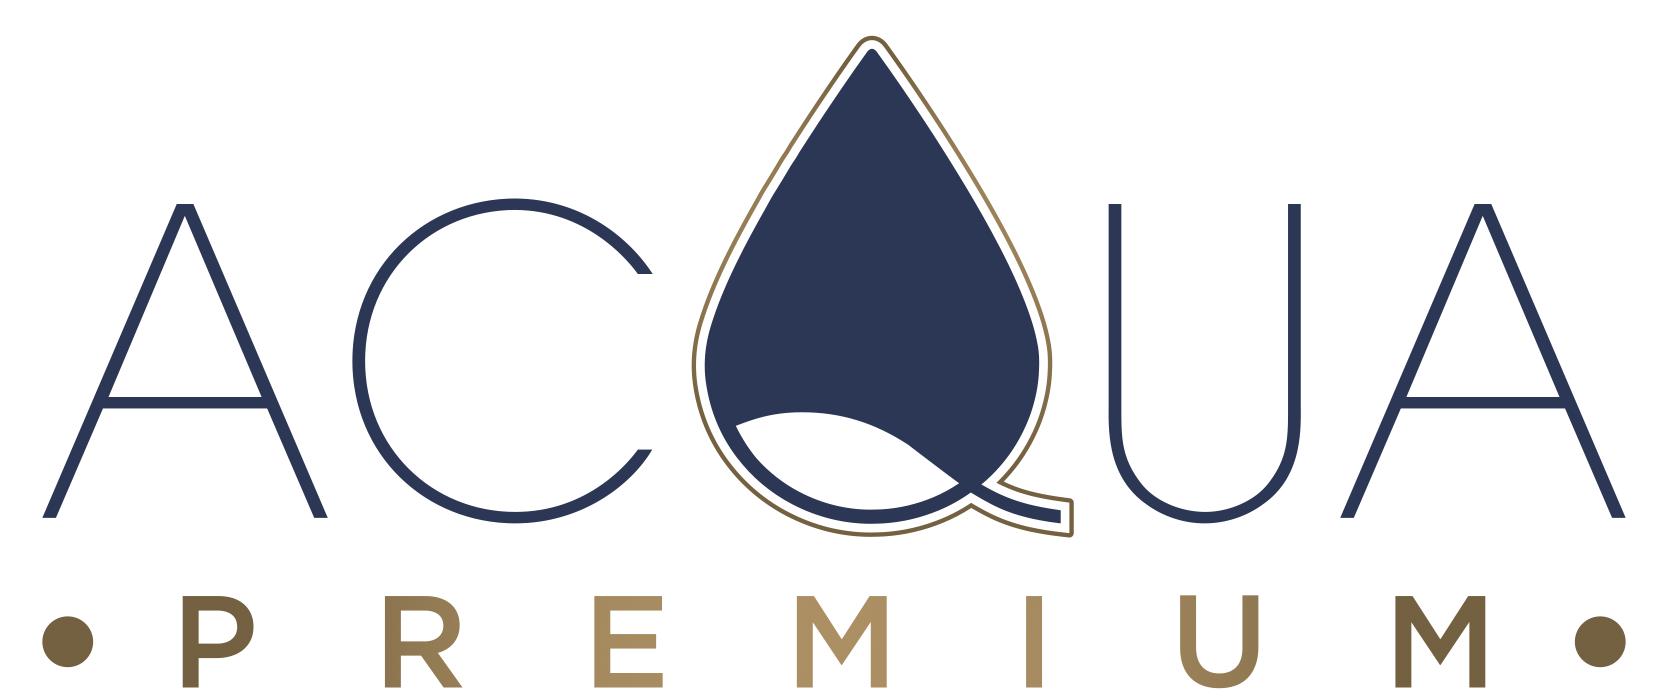 Acqua Premium